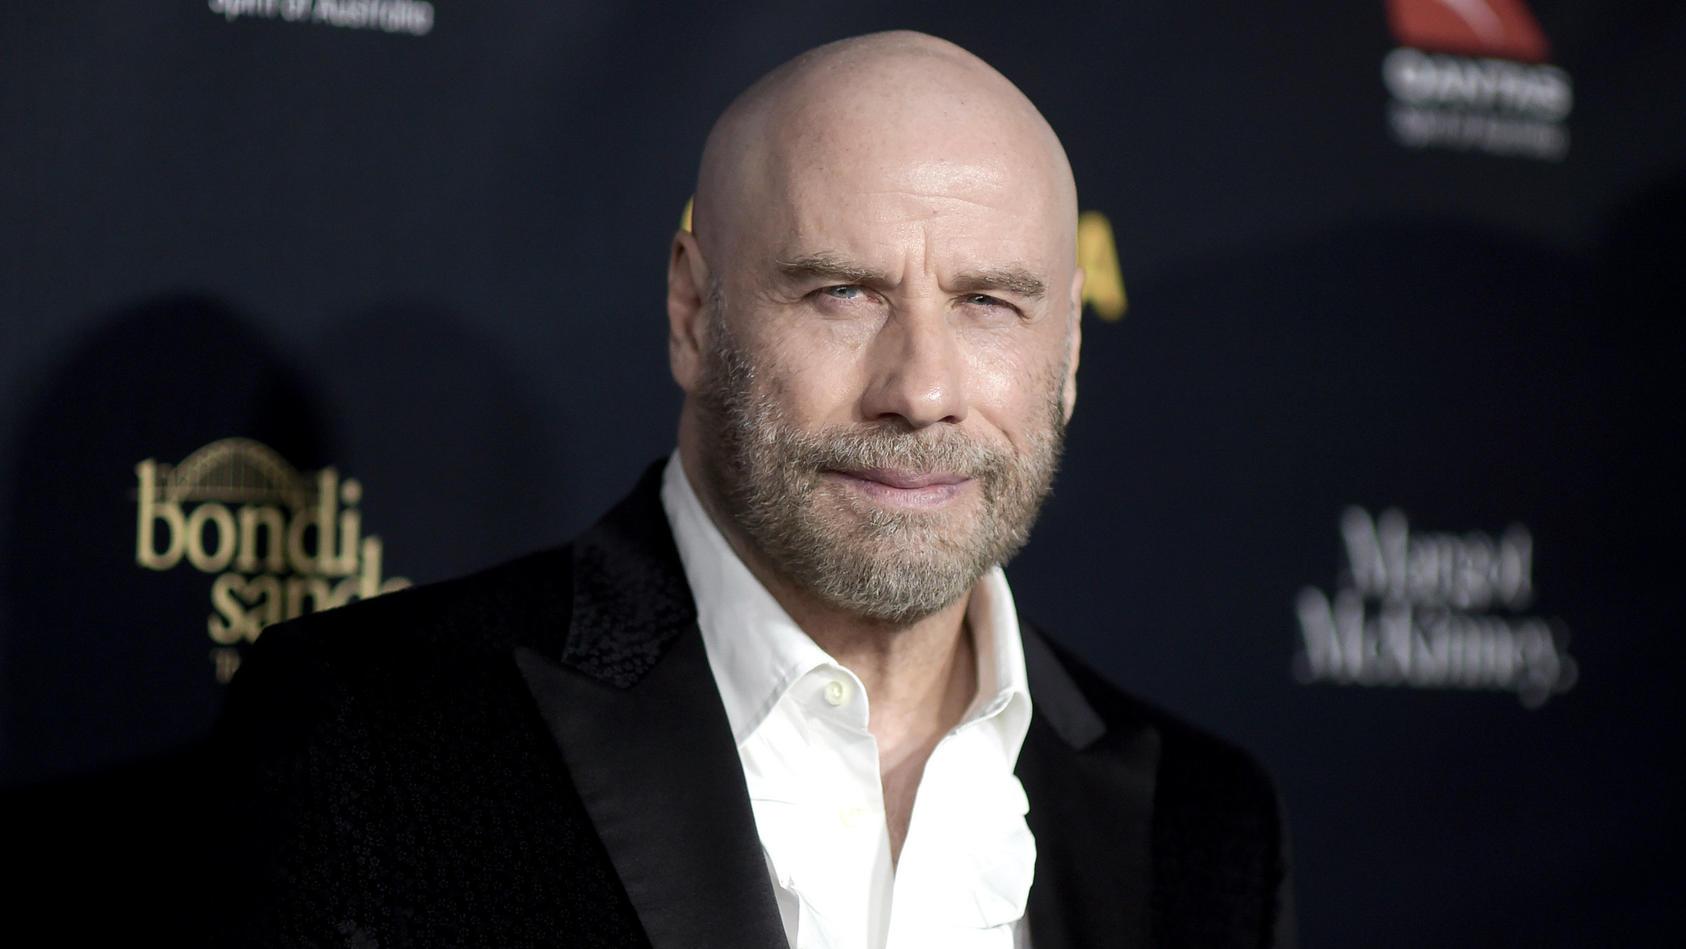 John Travolta hat seine geliebte Ehefrau Kelly Preston verloren. Es ist nicht die erste Frau an seiner Seite, die den Kampf gegen Brustkrebs verloren hat.